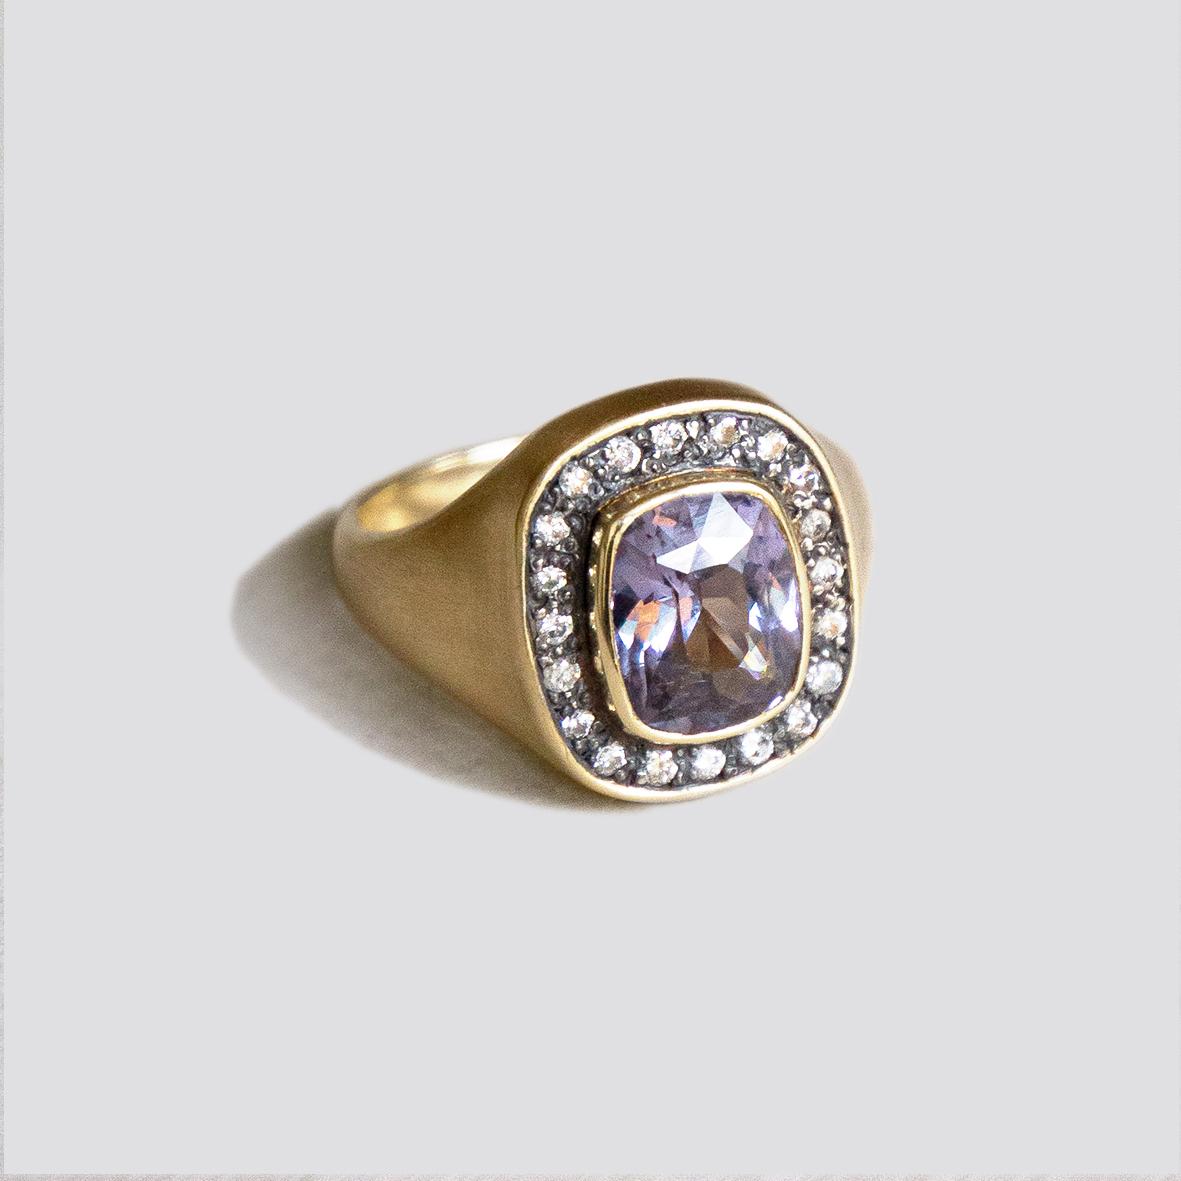 2. OONA__lotus_principal_spinel signet ring (1)